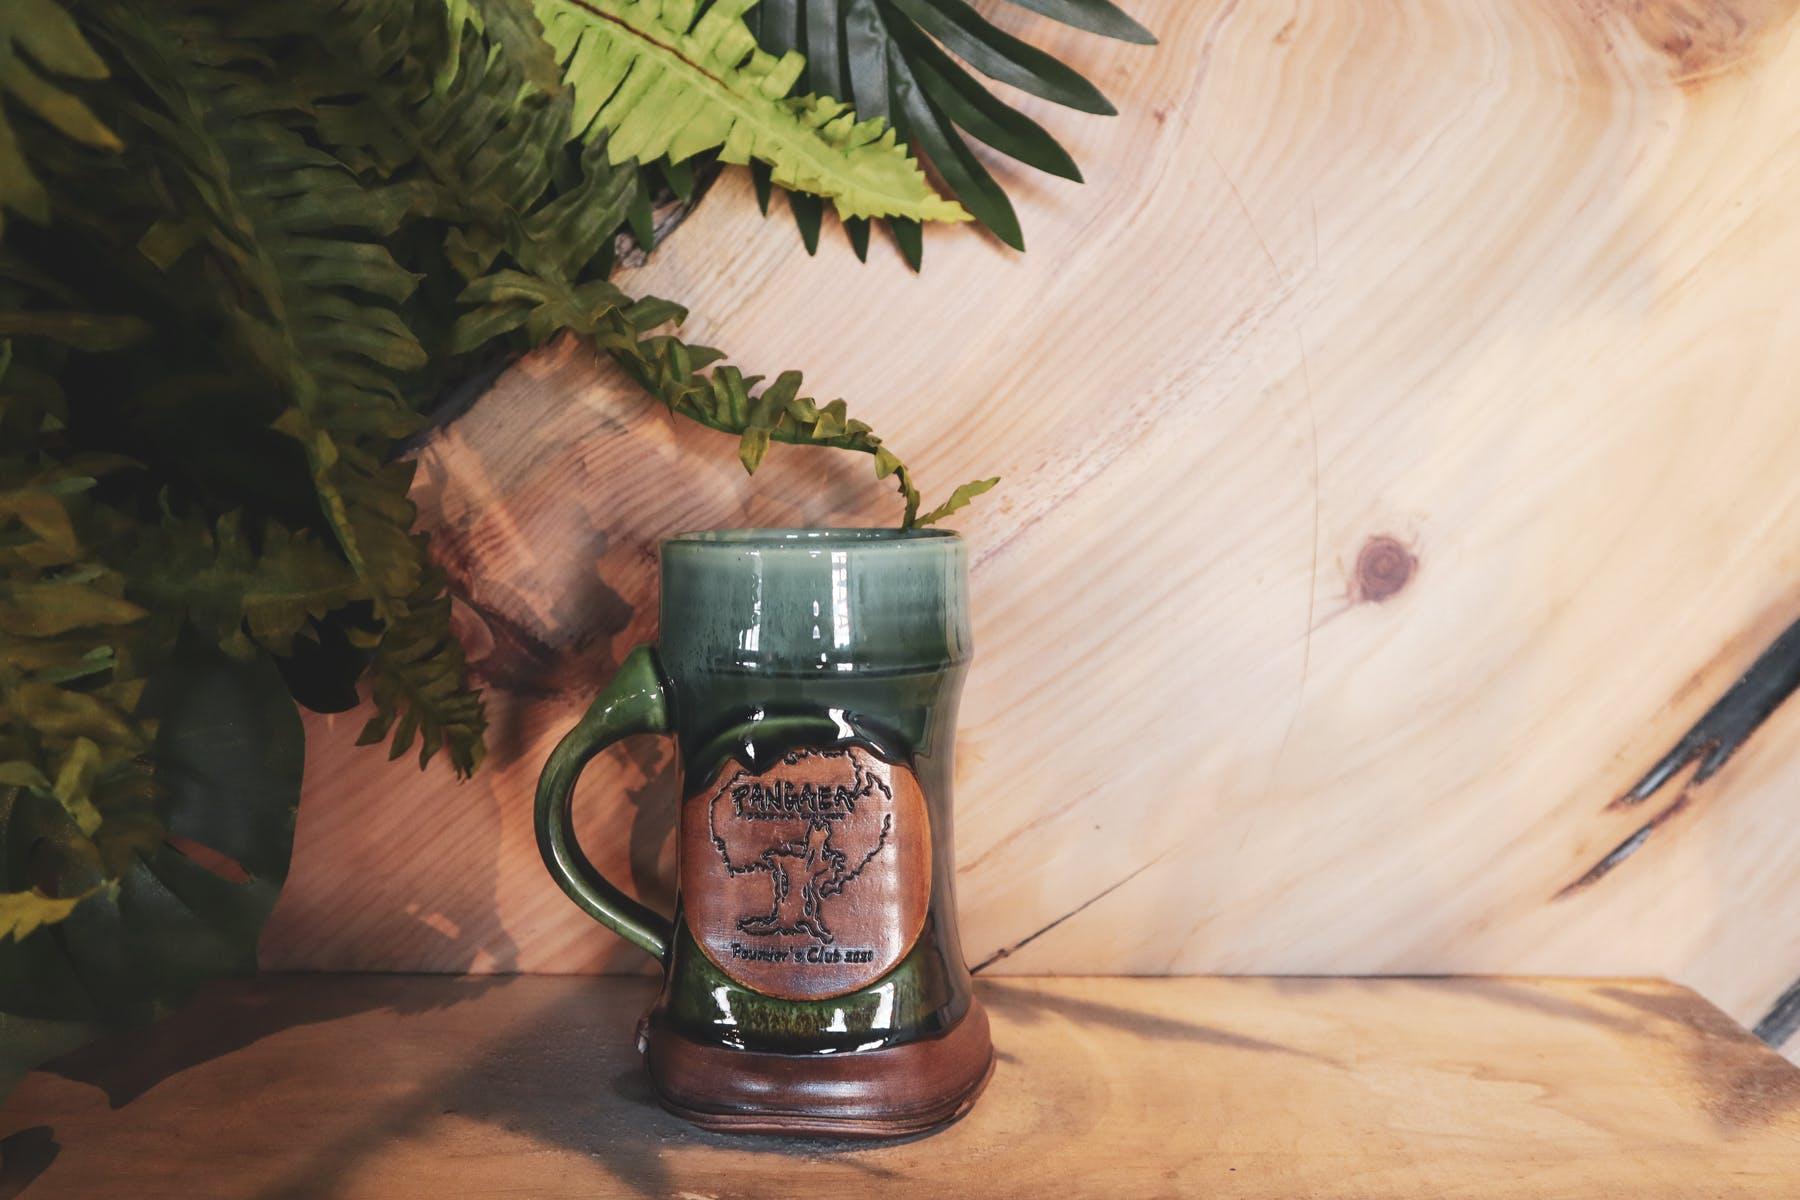 The Pangaea taproom with a mug club mug